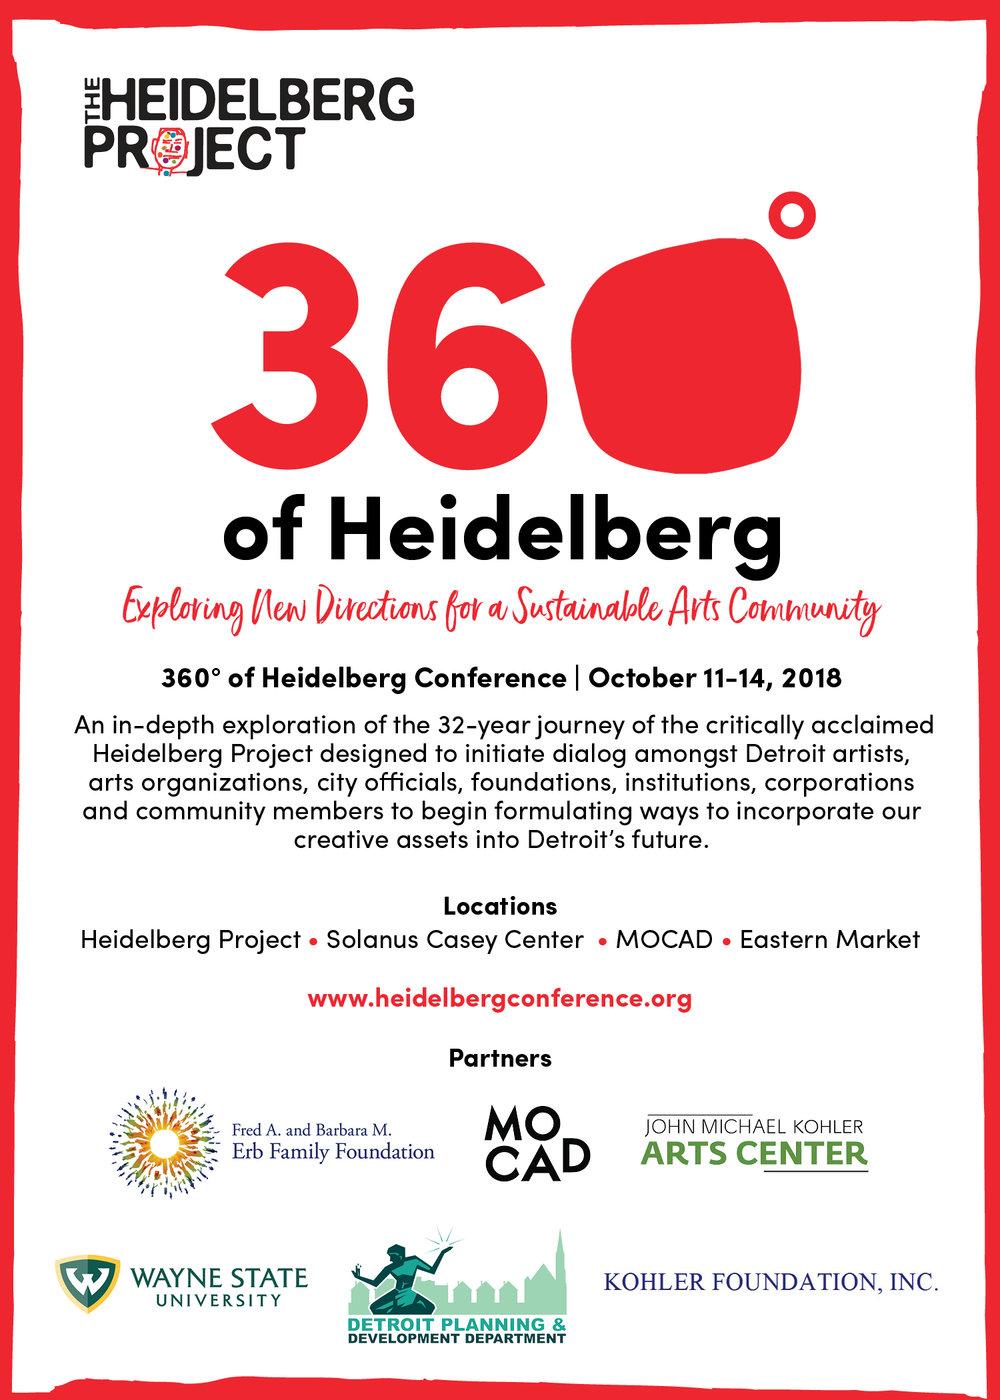 2018_heidelberg360_save_the_date_sponsors.jpg